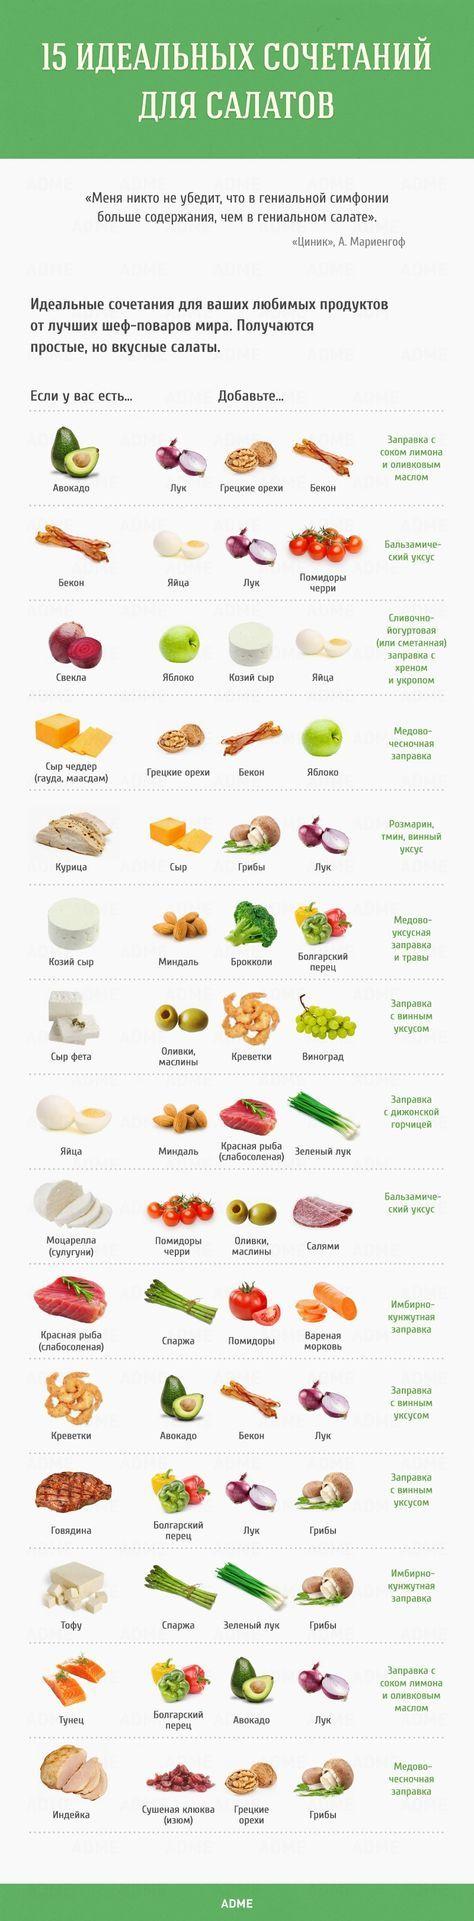 Чтобы «жизнь» на кухне стала легче, а еда — вкуснее.